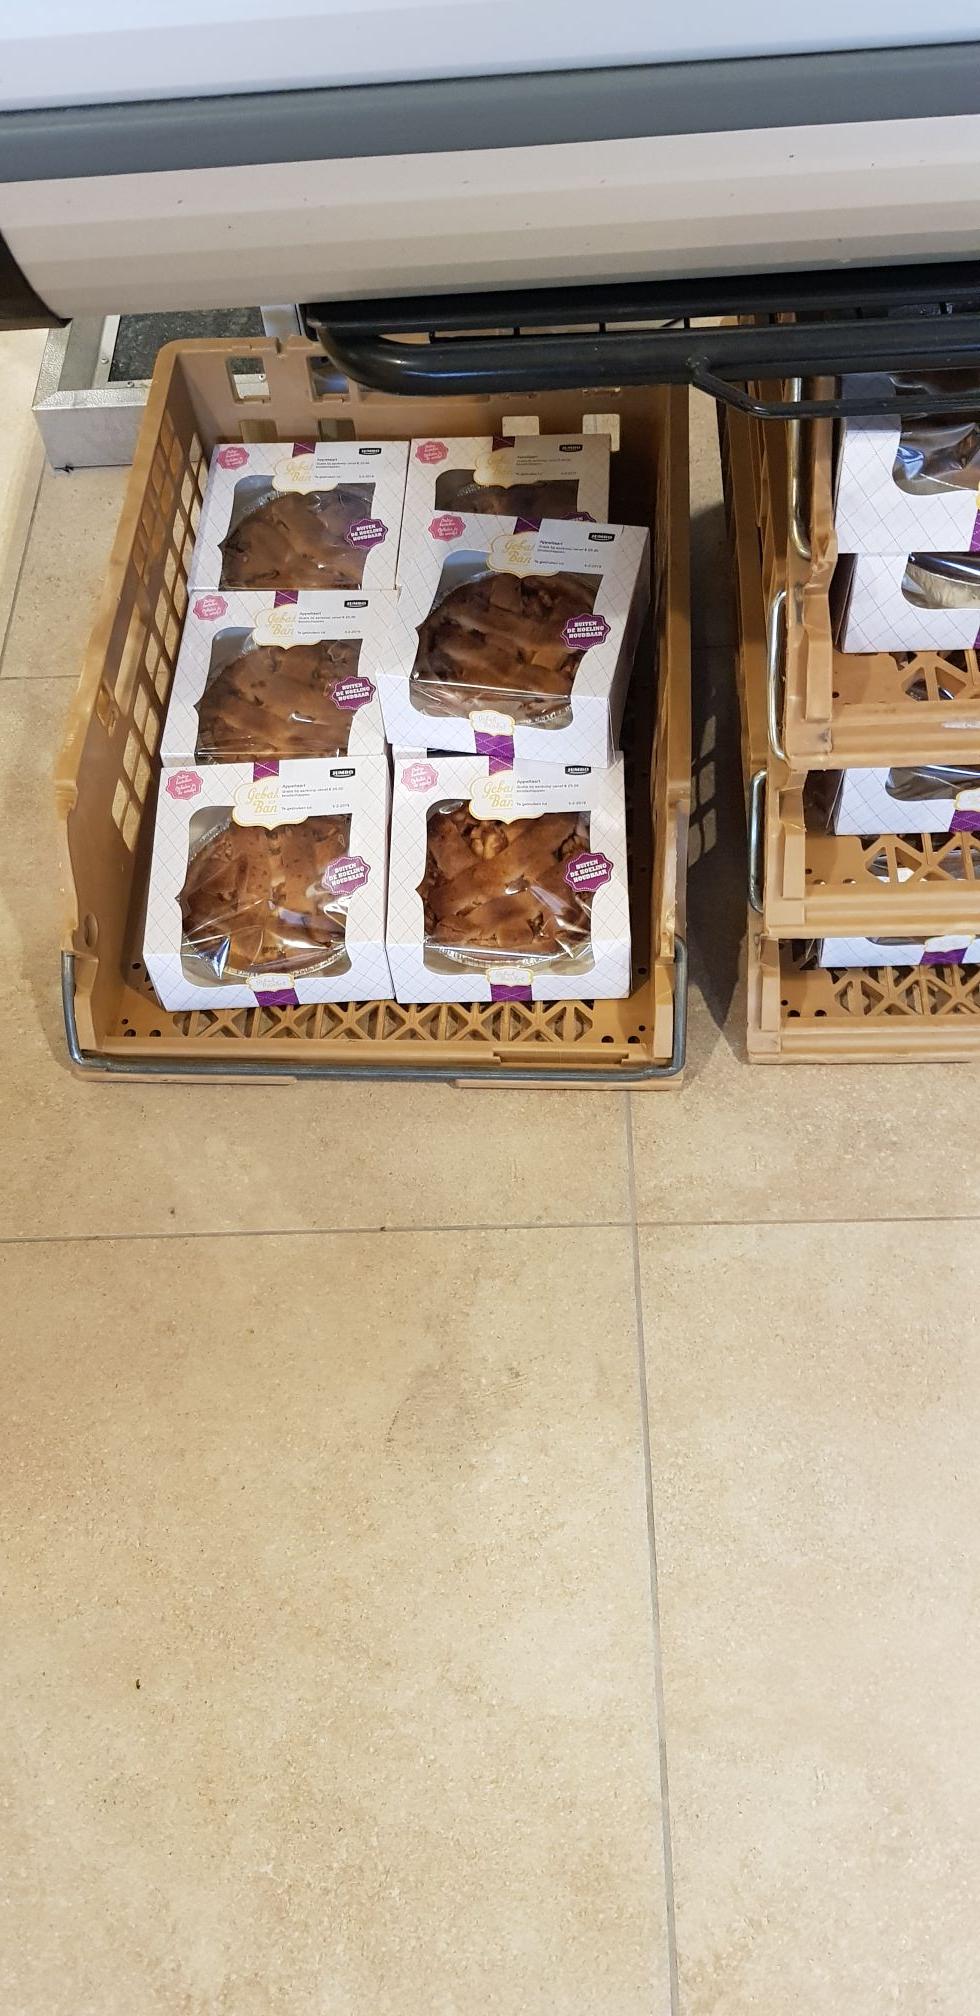 Gratis taart vanaf 25 euro aan boodschappen @jumbo zeist